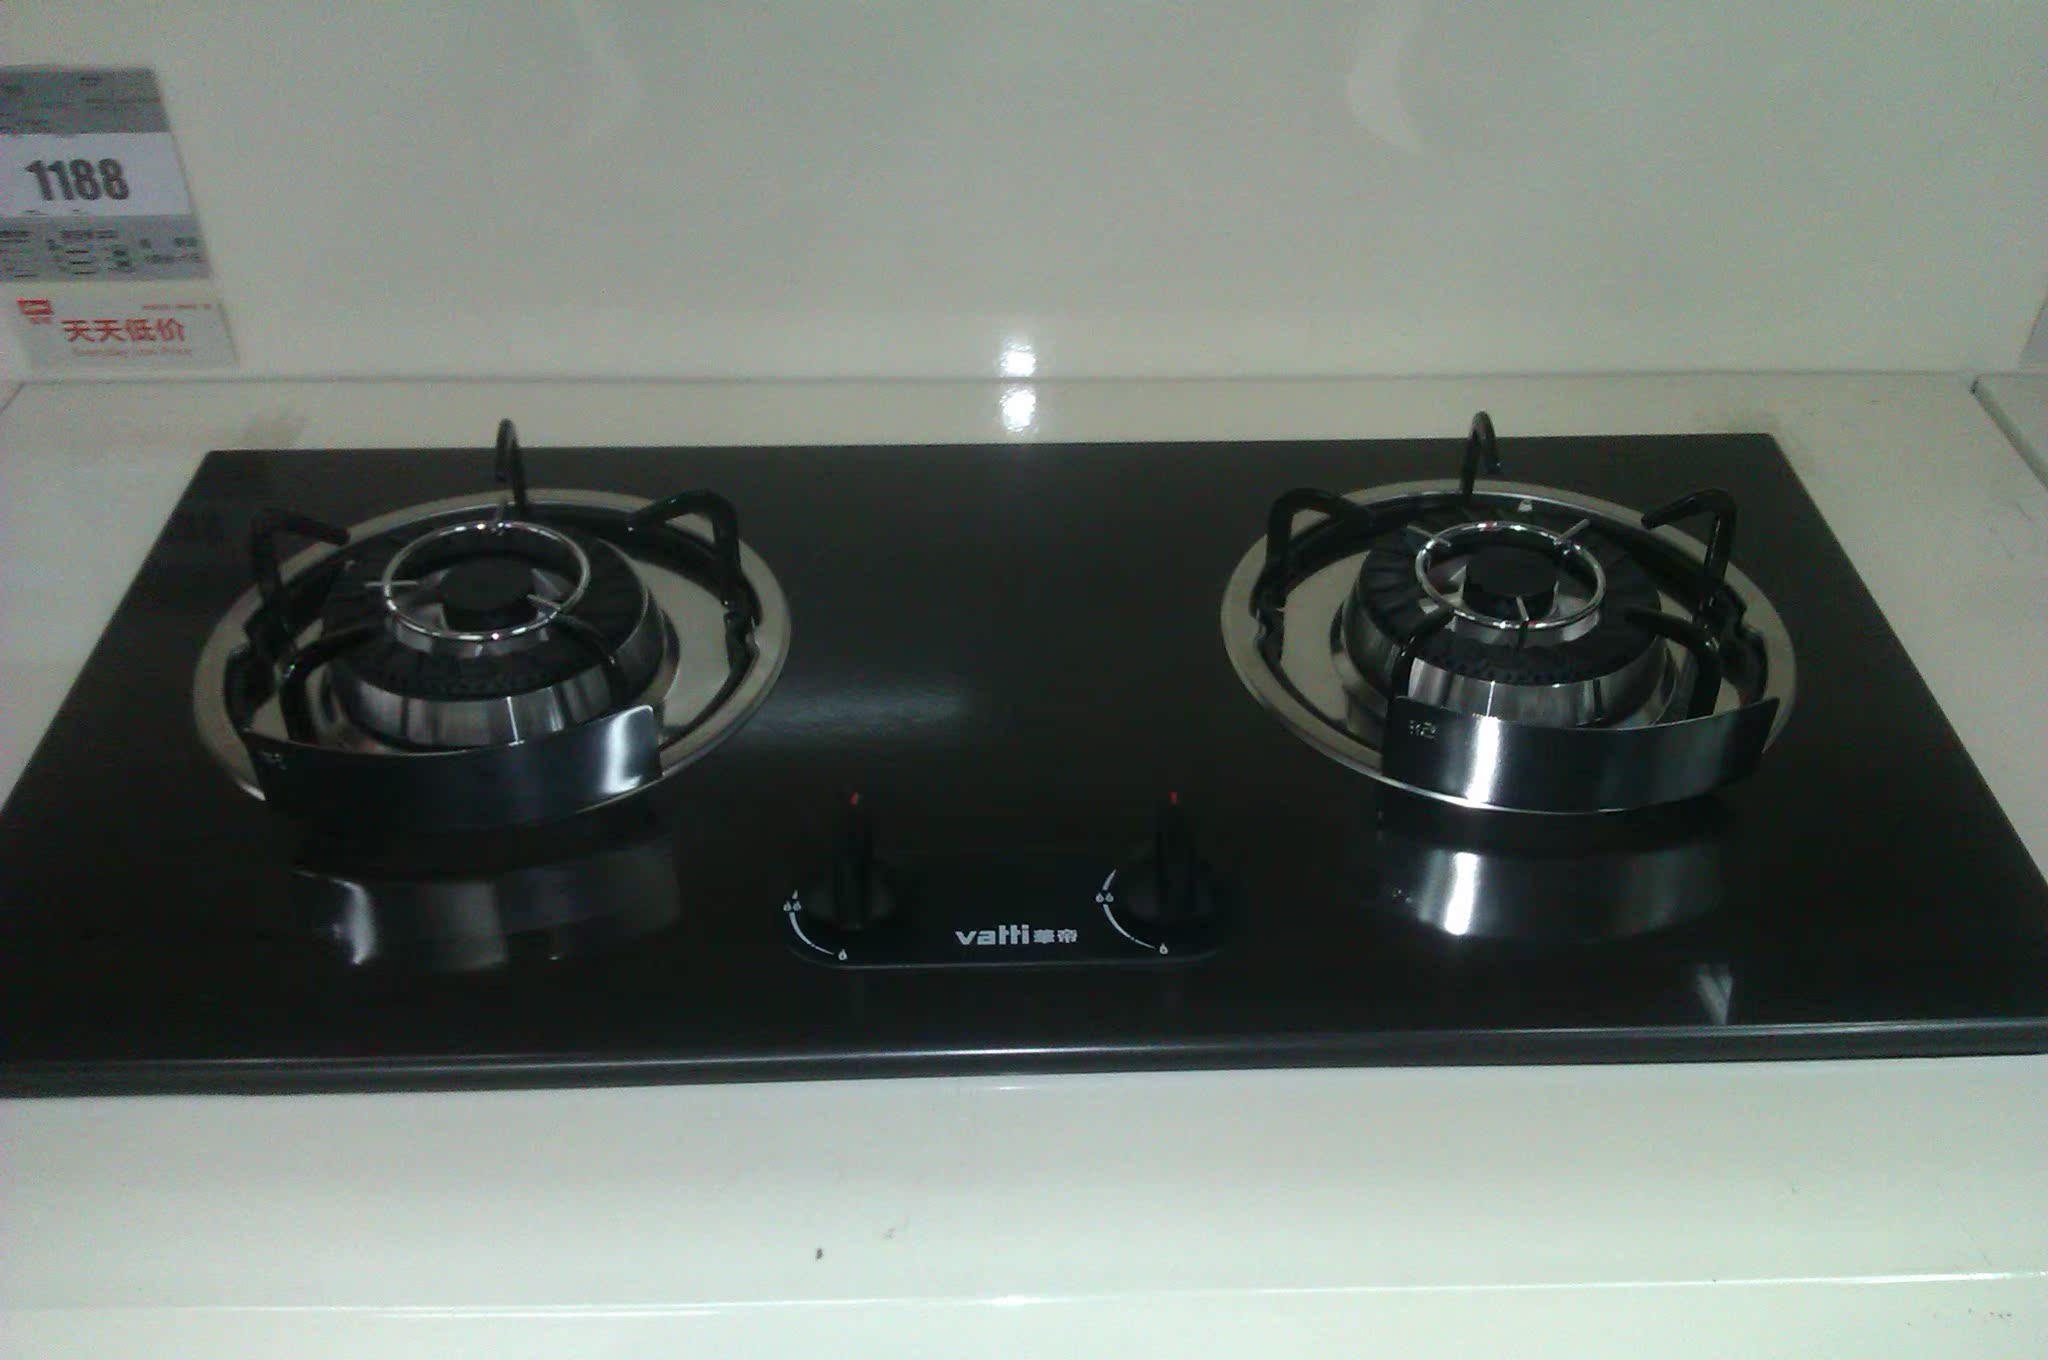 嵌入式燃气灶怎么安装啊?图片